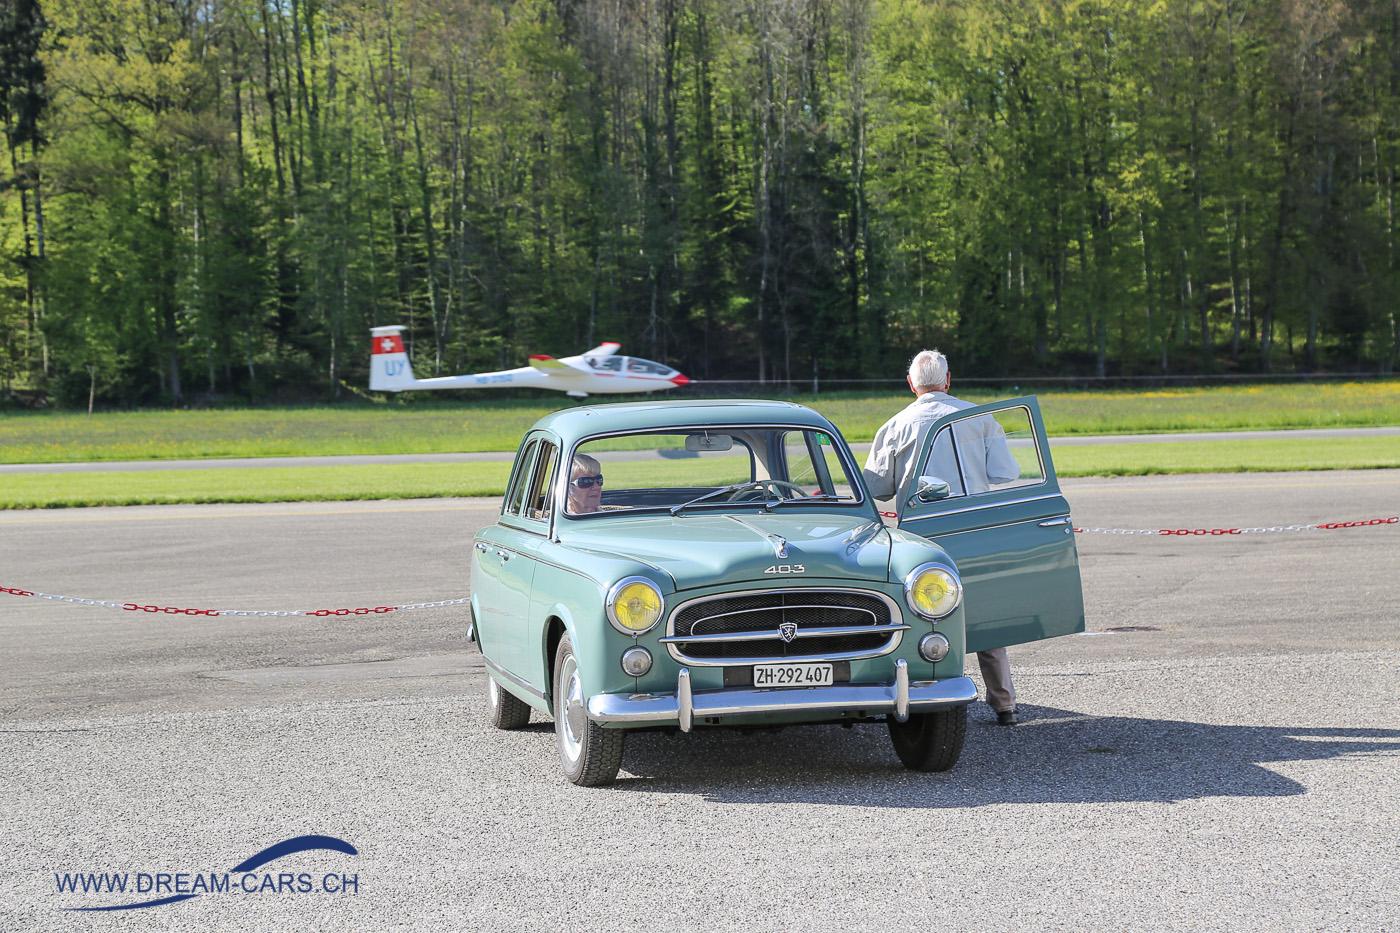 Amicale Peugeot Frühjahrsausfahrt, Museumsbesuch und Oldtimertreffren Bleienbach. Ein Peugeot 403, im HIntergrund ein startendes Segelflugzeug